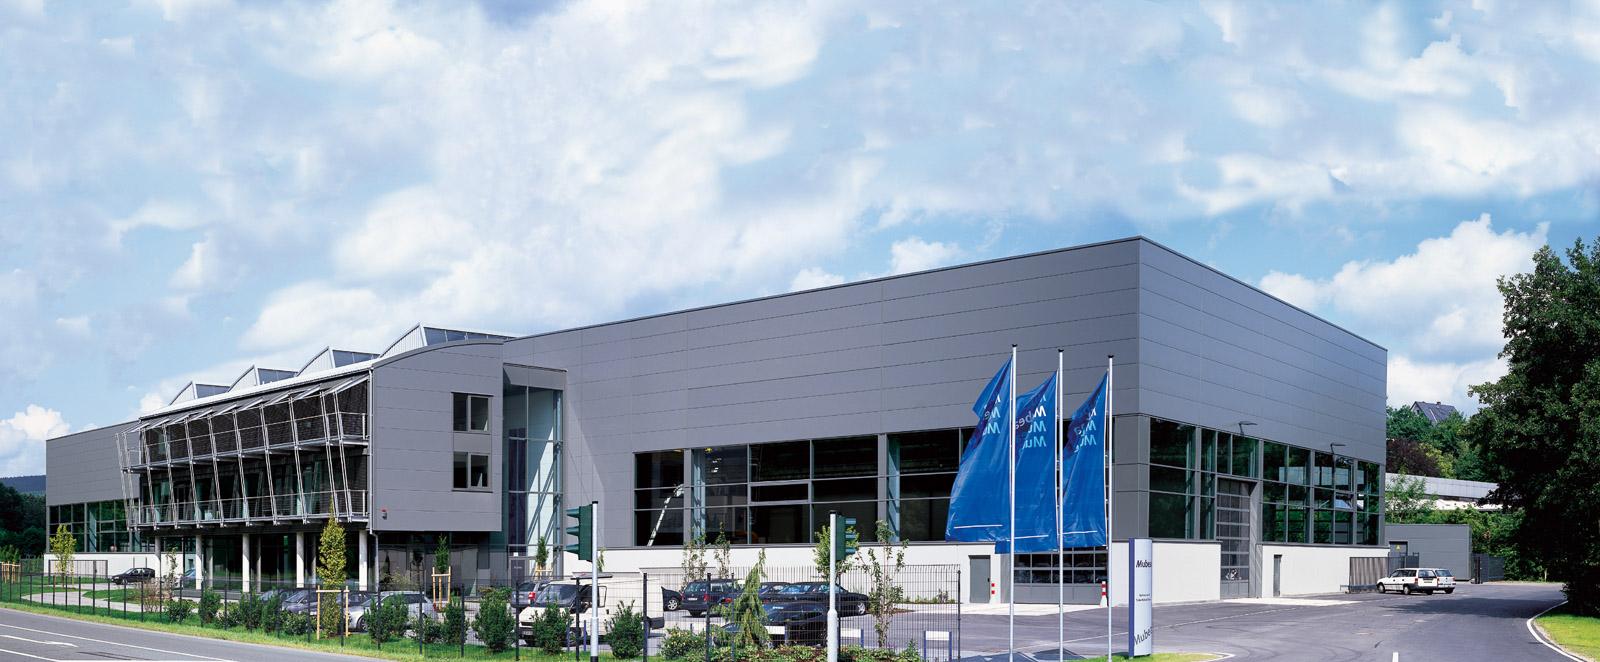 Mubea Technologiezentrum_7